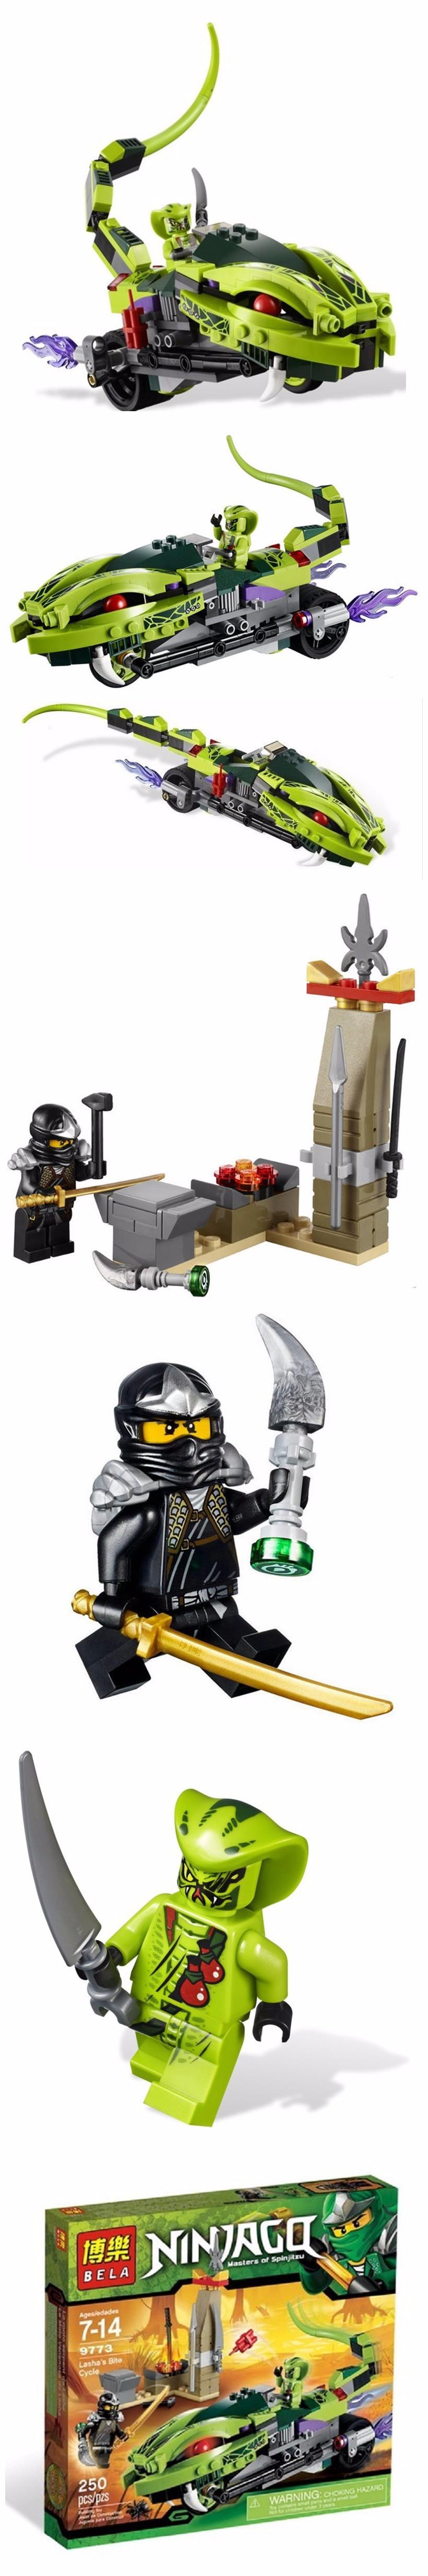 Snake Toys For Boys : New bela pcs phantom building blocks snake toys